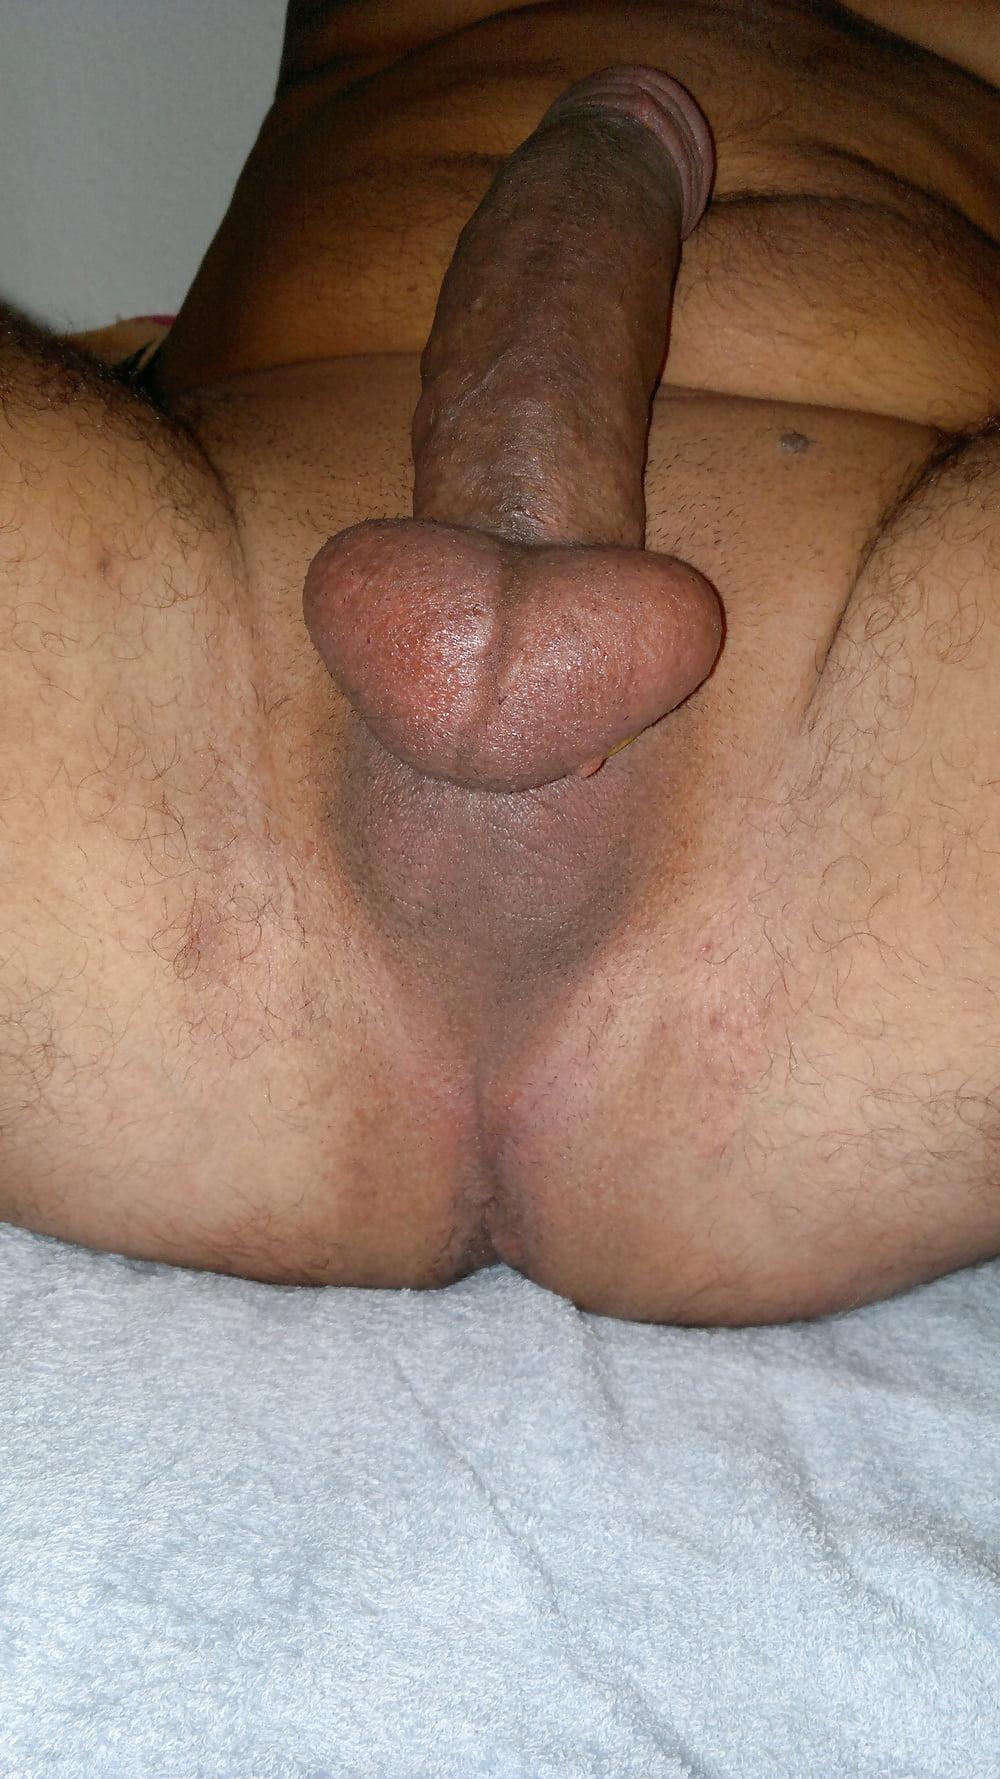 Cfnm penis pump